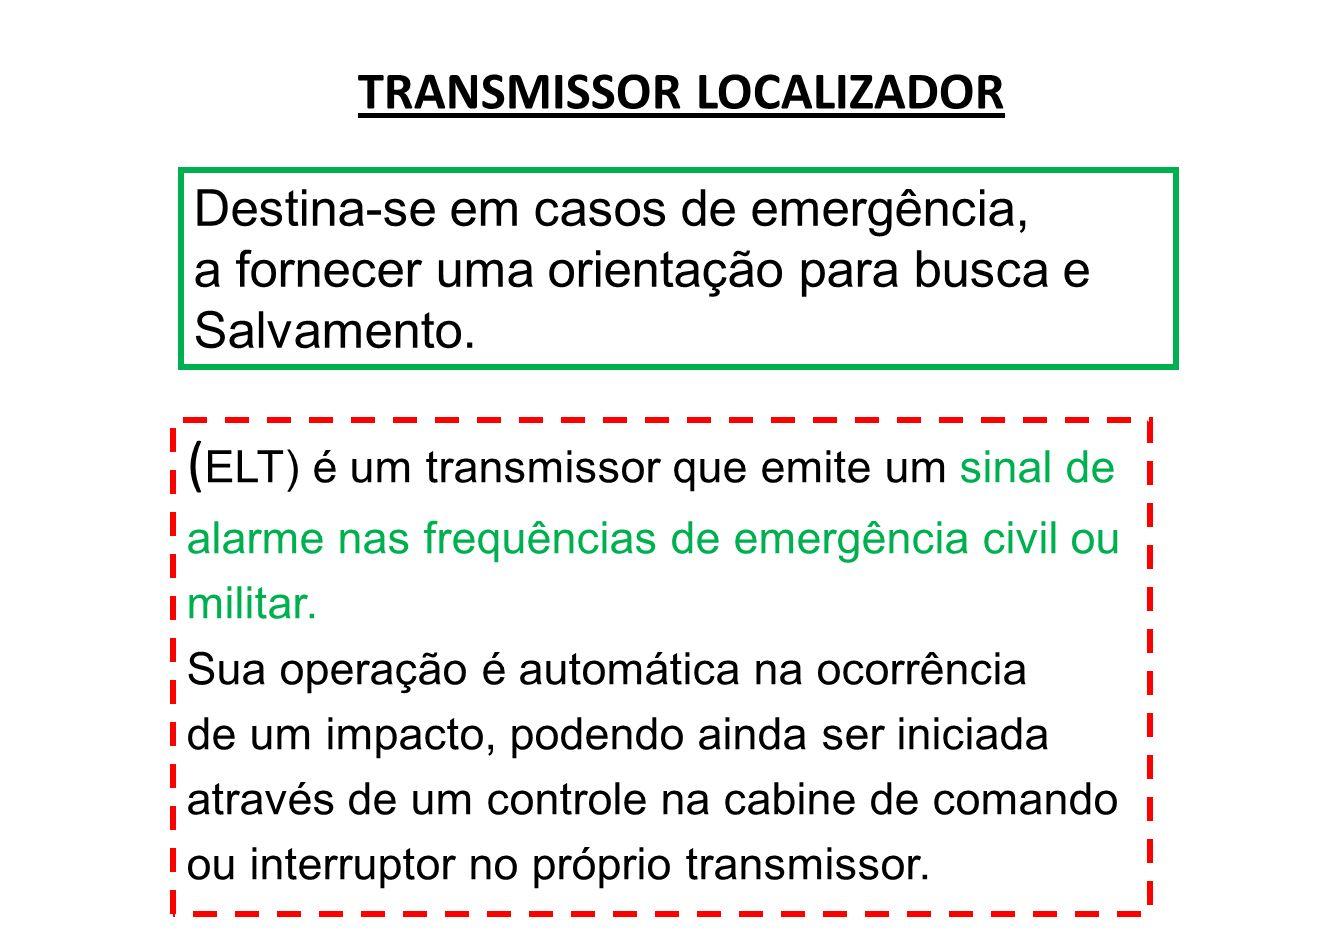 O transmissor localizador de emergência é normal- mente instalado no estabilizador vertical do avião; e no caso de acionamento por impacto só poderá ser desligado por um controle localizado no próprio transmissor.